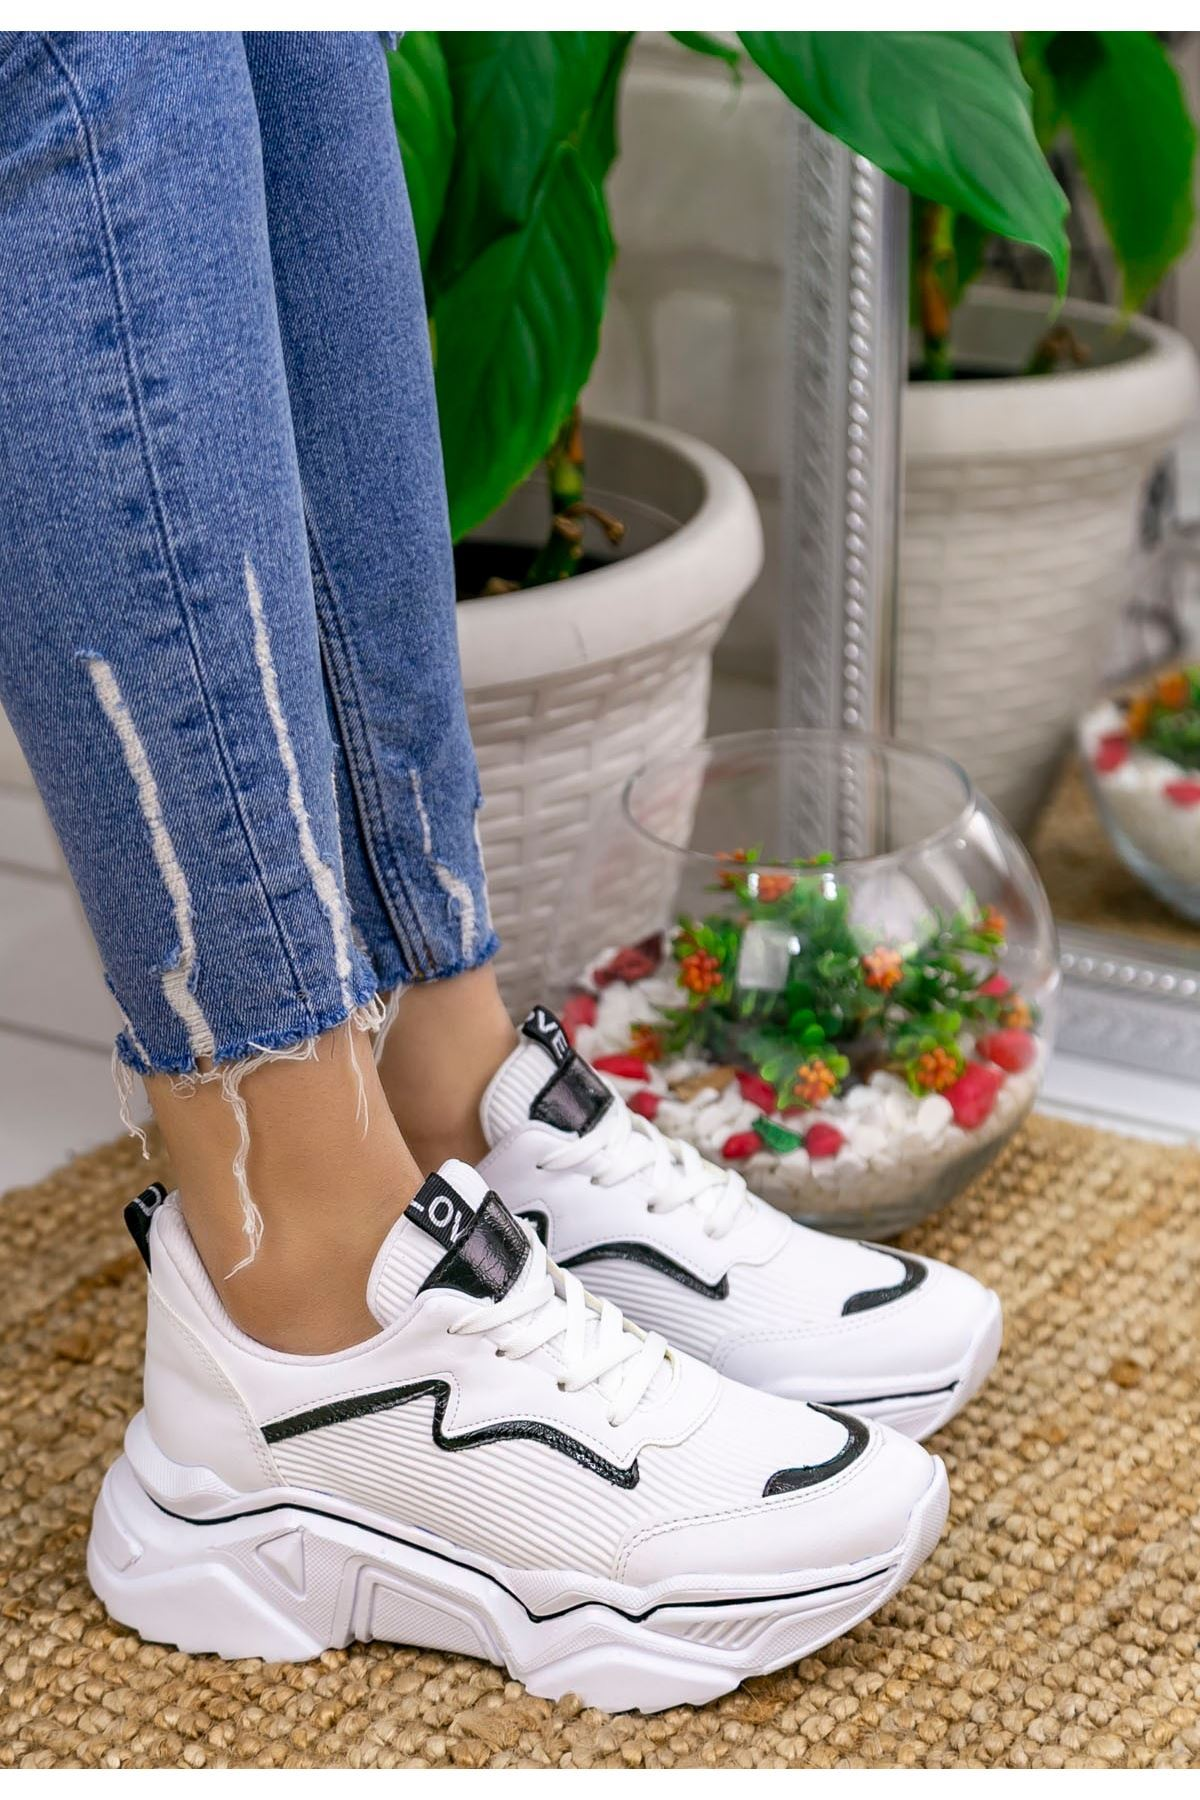 Ada Mat Deri Siyah Şeritli Spor Ayakkabı Beyaz